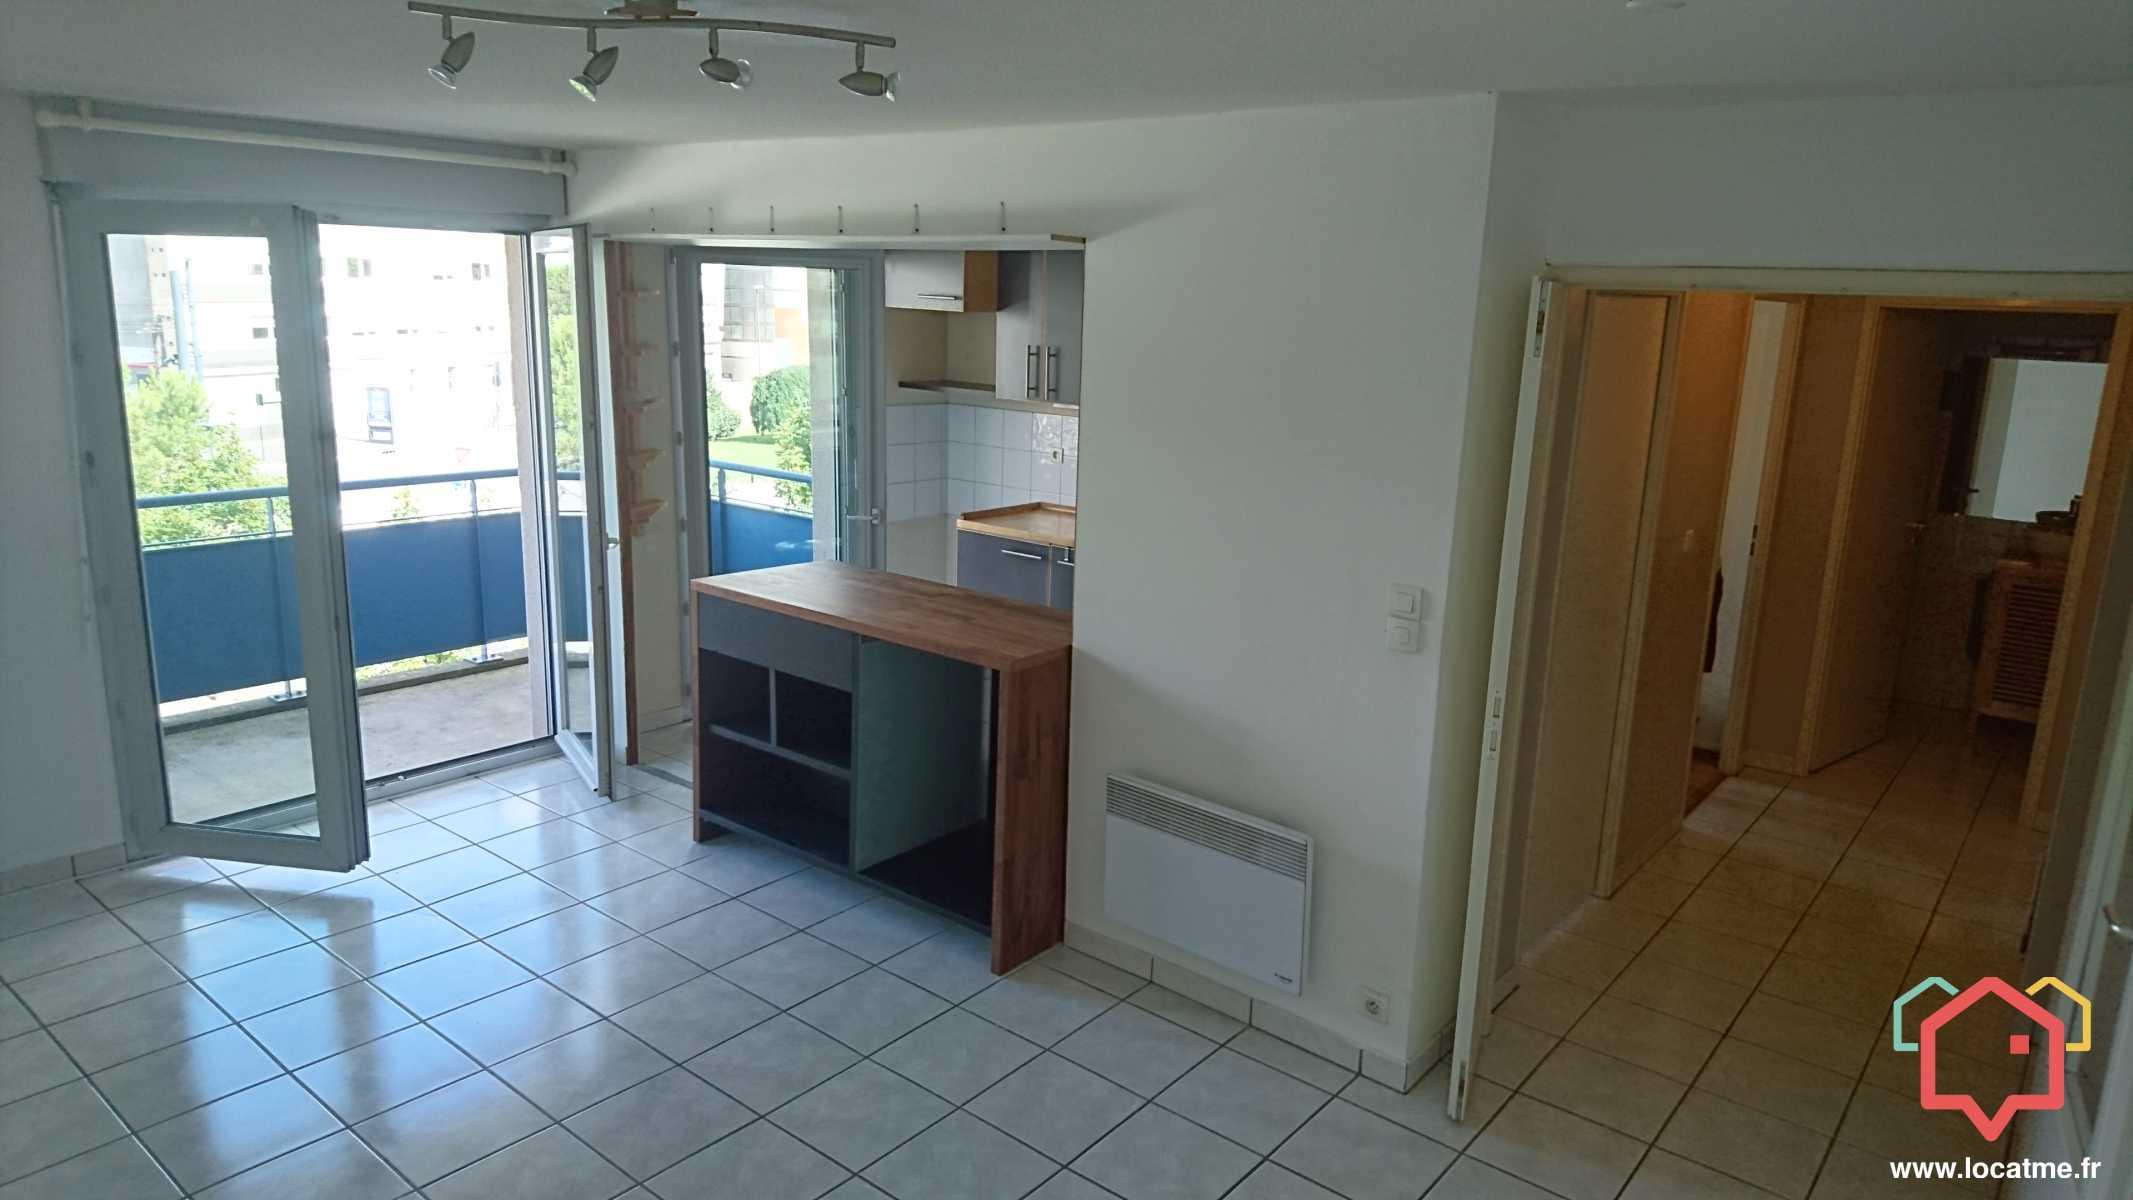 location de logements entre particulier toulouse 31500. Black Bedroom Furniture Sets. Home Design Ideas